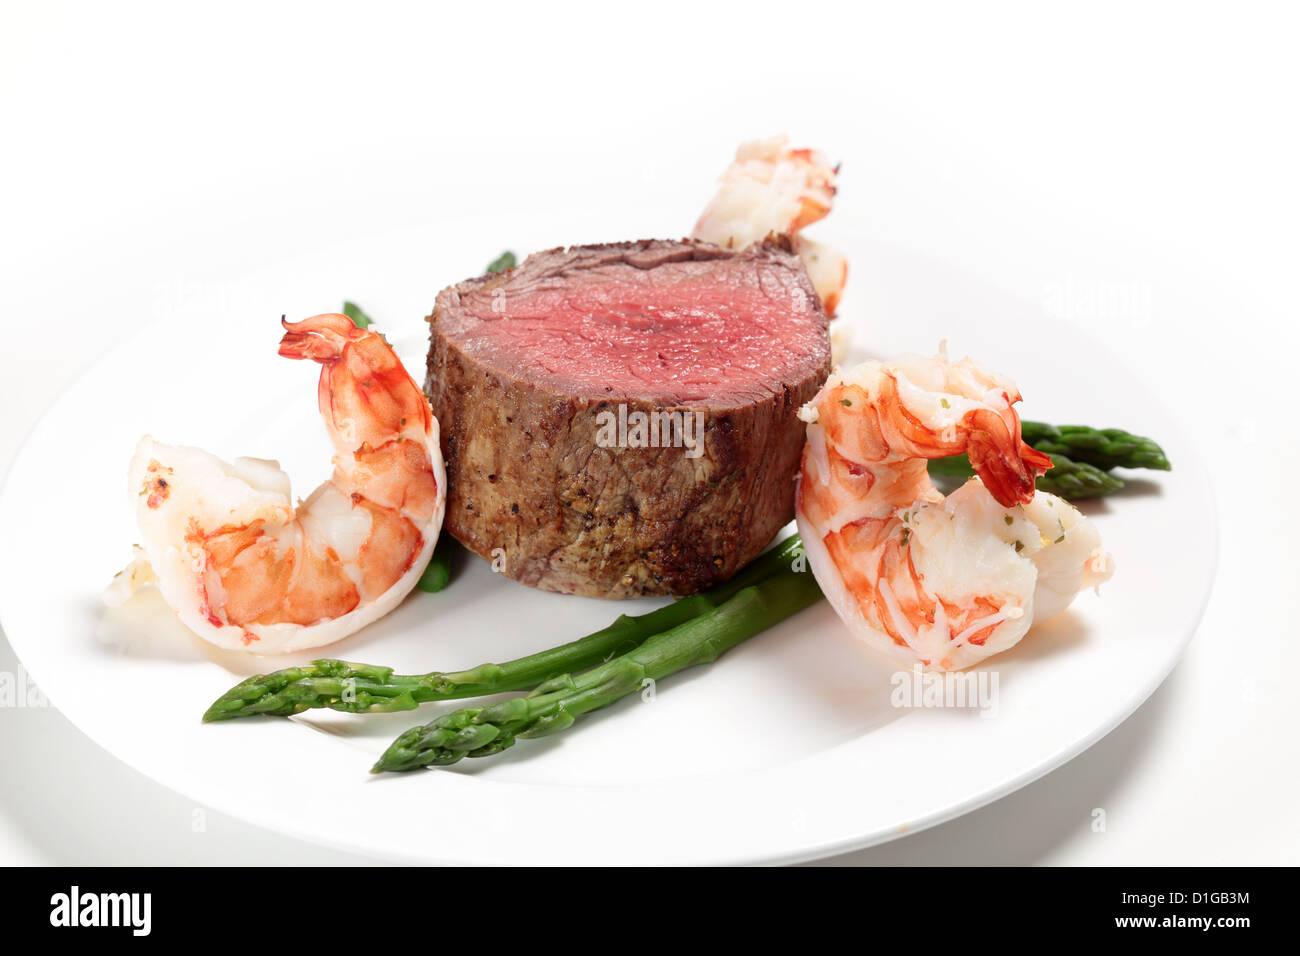 """Riesengarnelen mit Filet-Steak und Spargel, eine sehr einfache """"Surf And Turf"""" Mahlzeit Stockbild"""